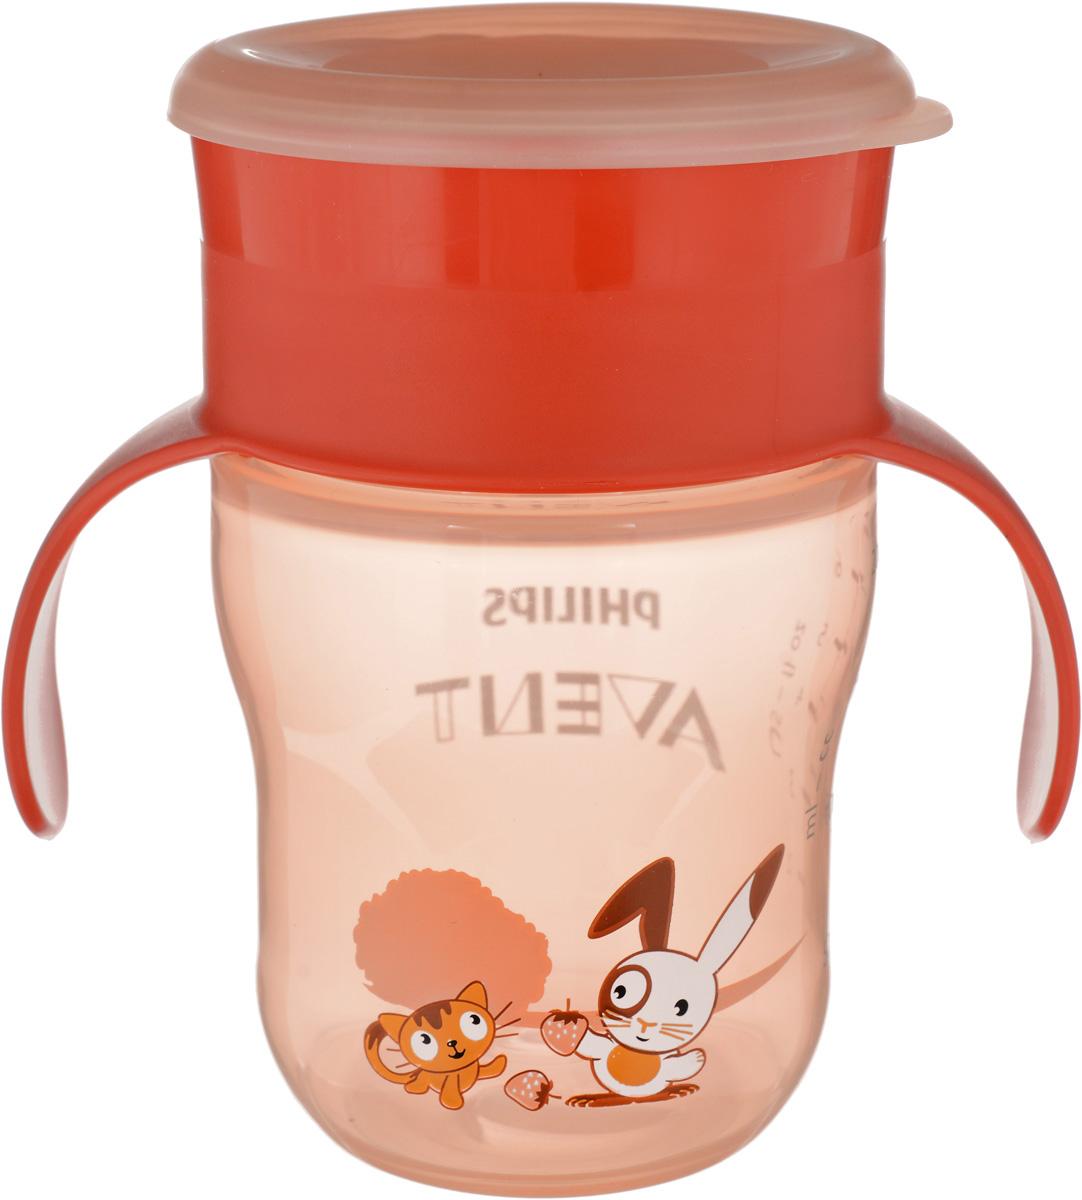 Philips Avent Чашка-поильник от 12 месяцев цвет оранжевый 260 мл контейнер avent чашка поильник с трубочкой 1 шт розовый от 9 месяцев scf798 02